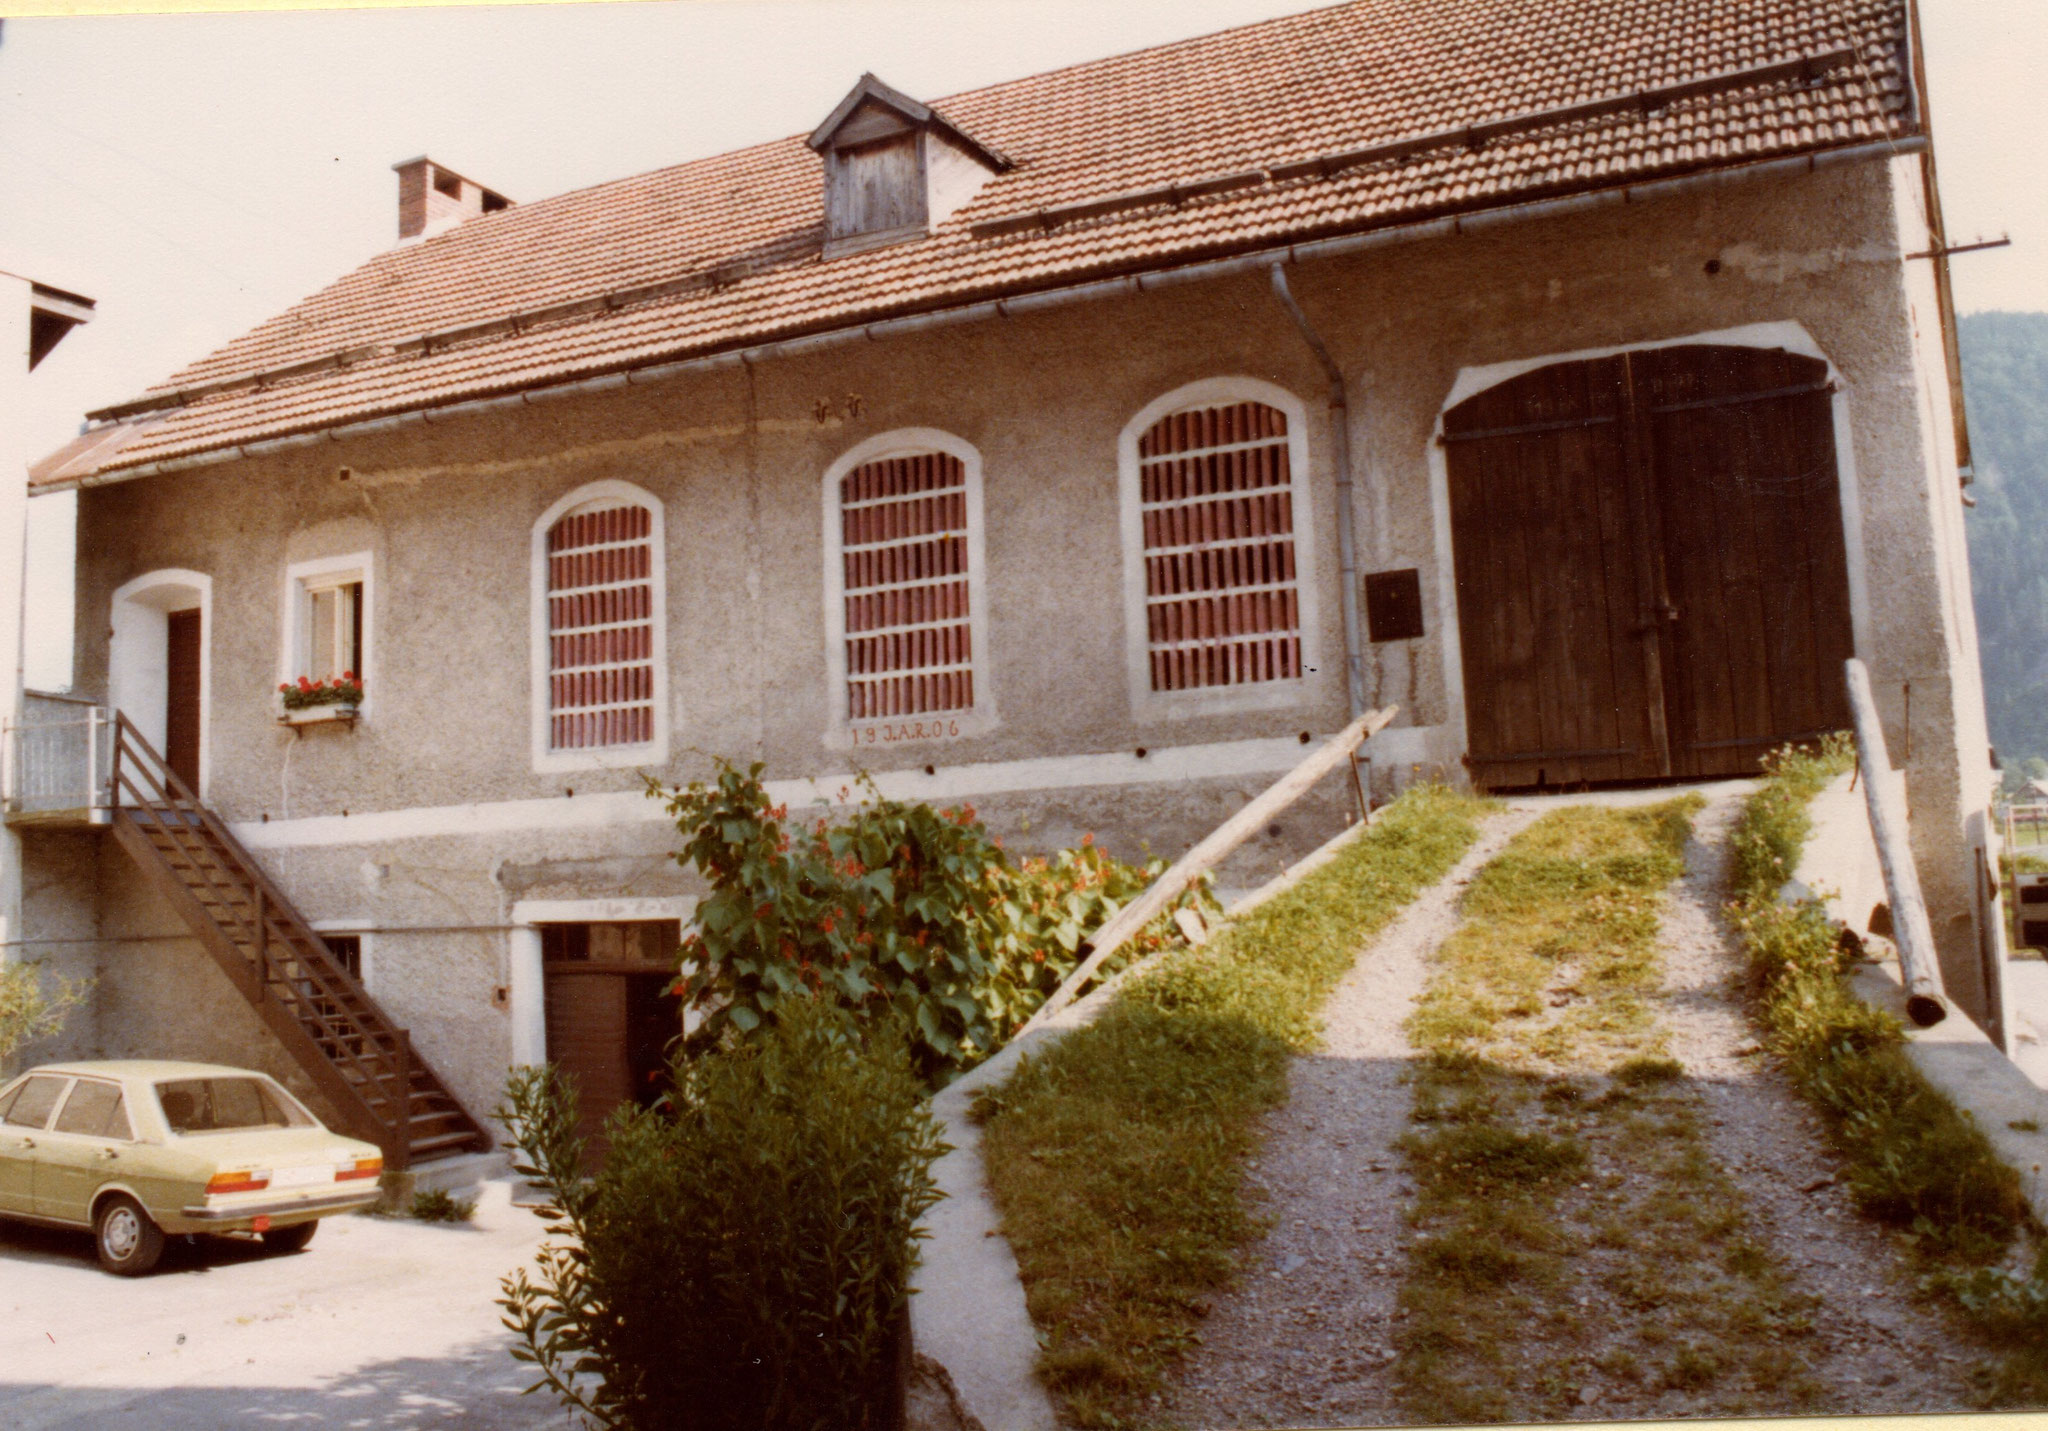 Barn Rainer, 1978